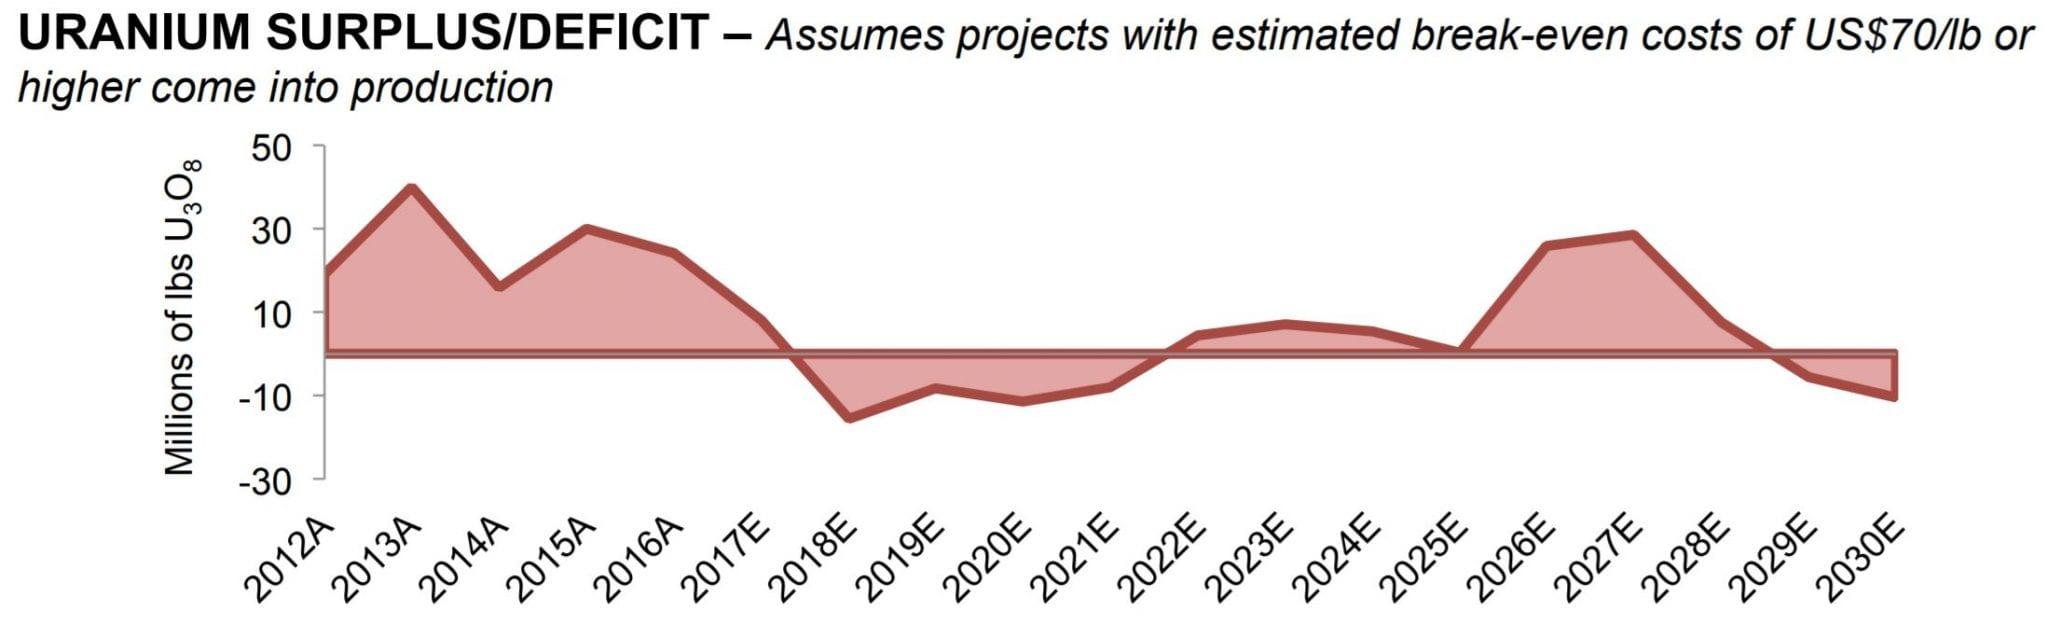 azarga surplus and deficit map